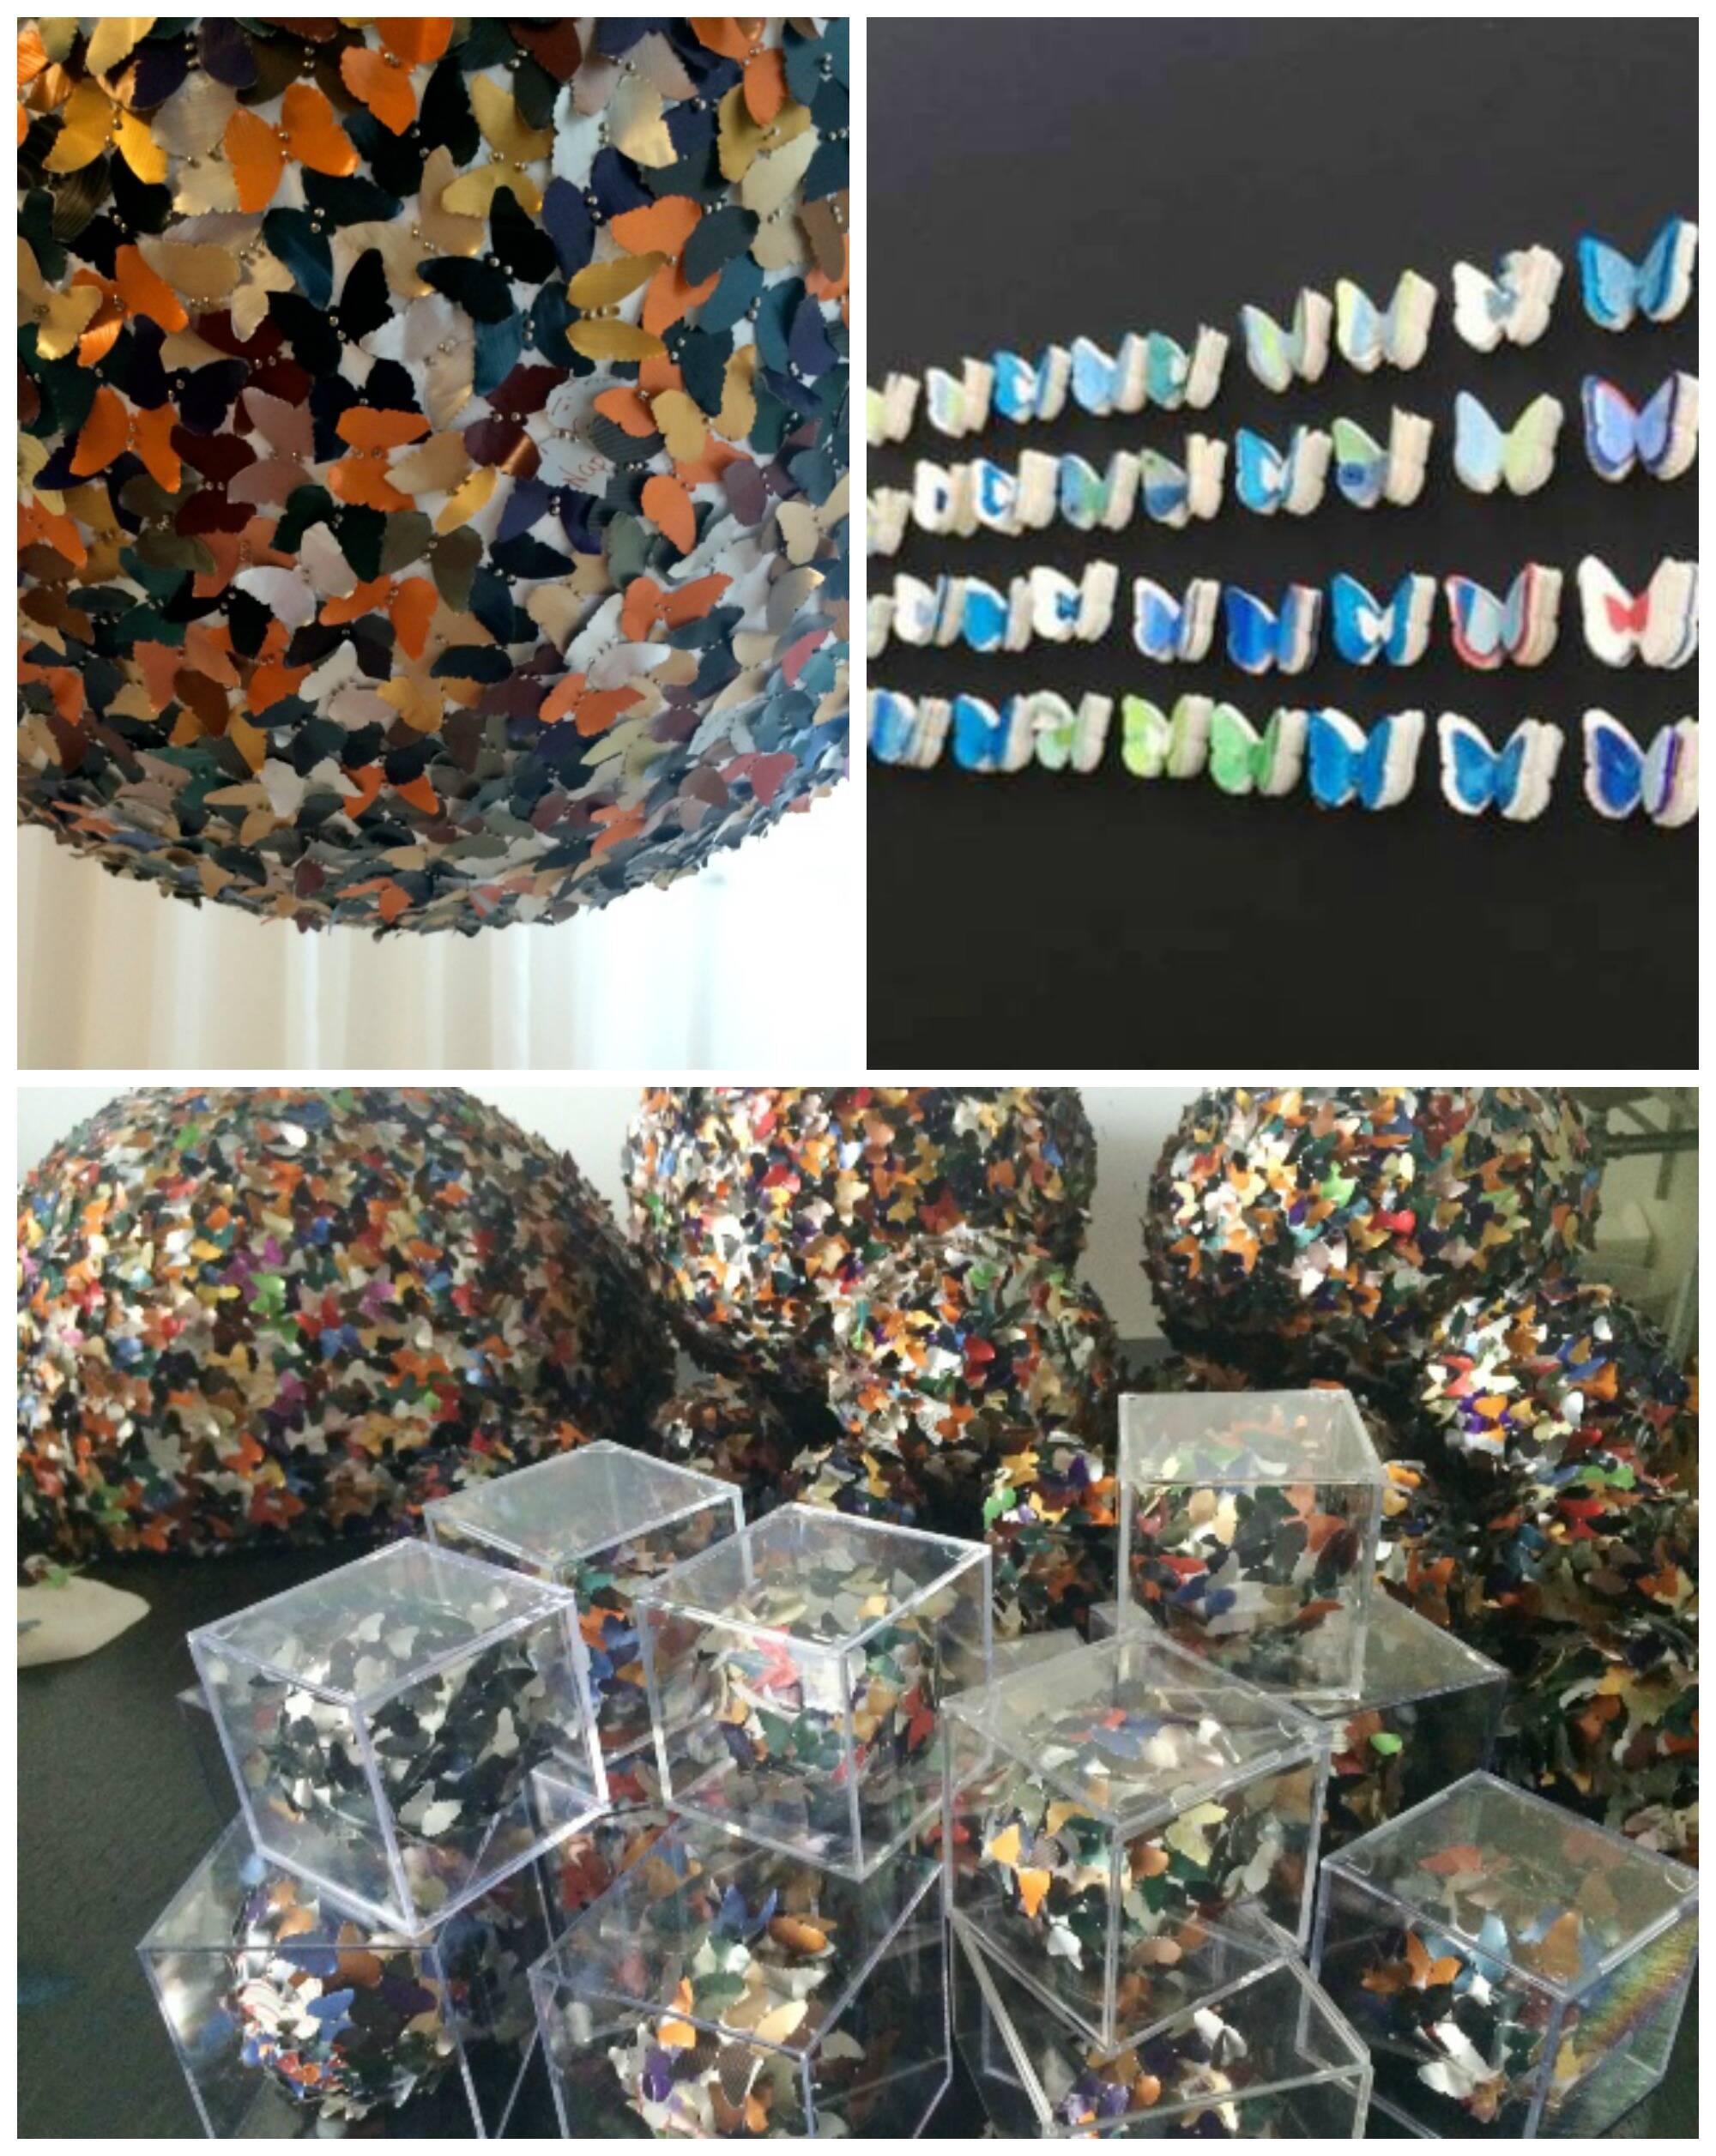 As cápsulas de café expresso, com suas cores vibrantes e metalizadas, foram recicladas por Patrícia para a exposição que ela abre no Museu do Meio Ambiente no Jardim Botânico/ Fotos: divulgação